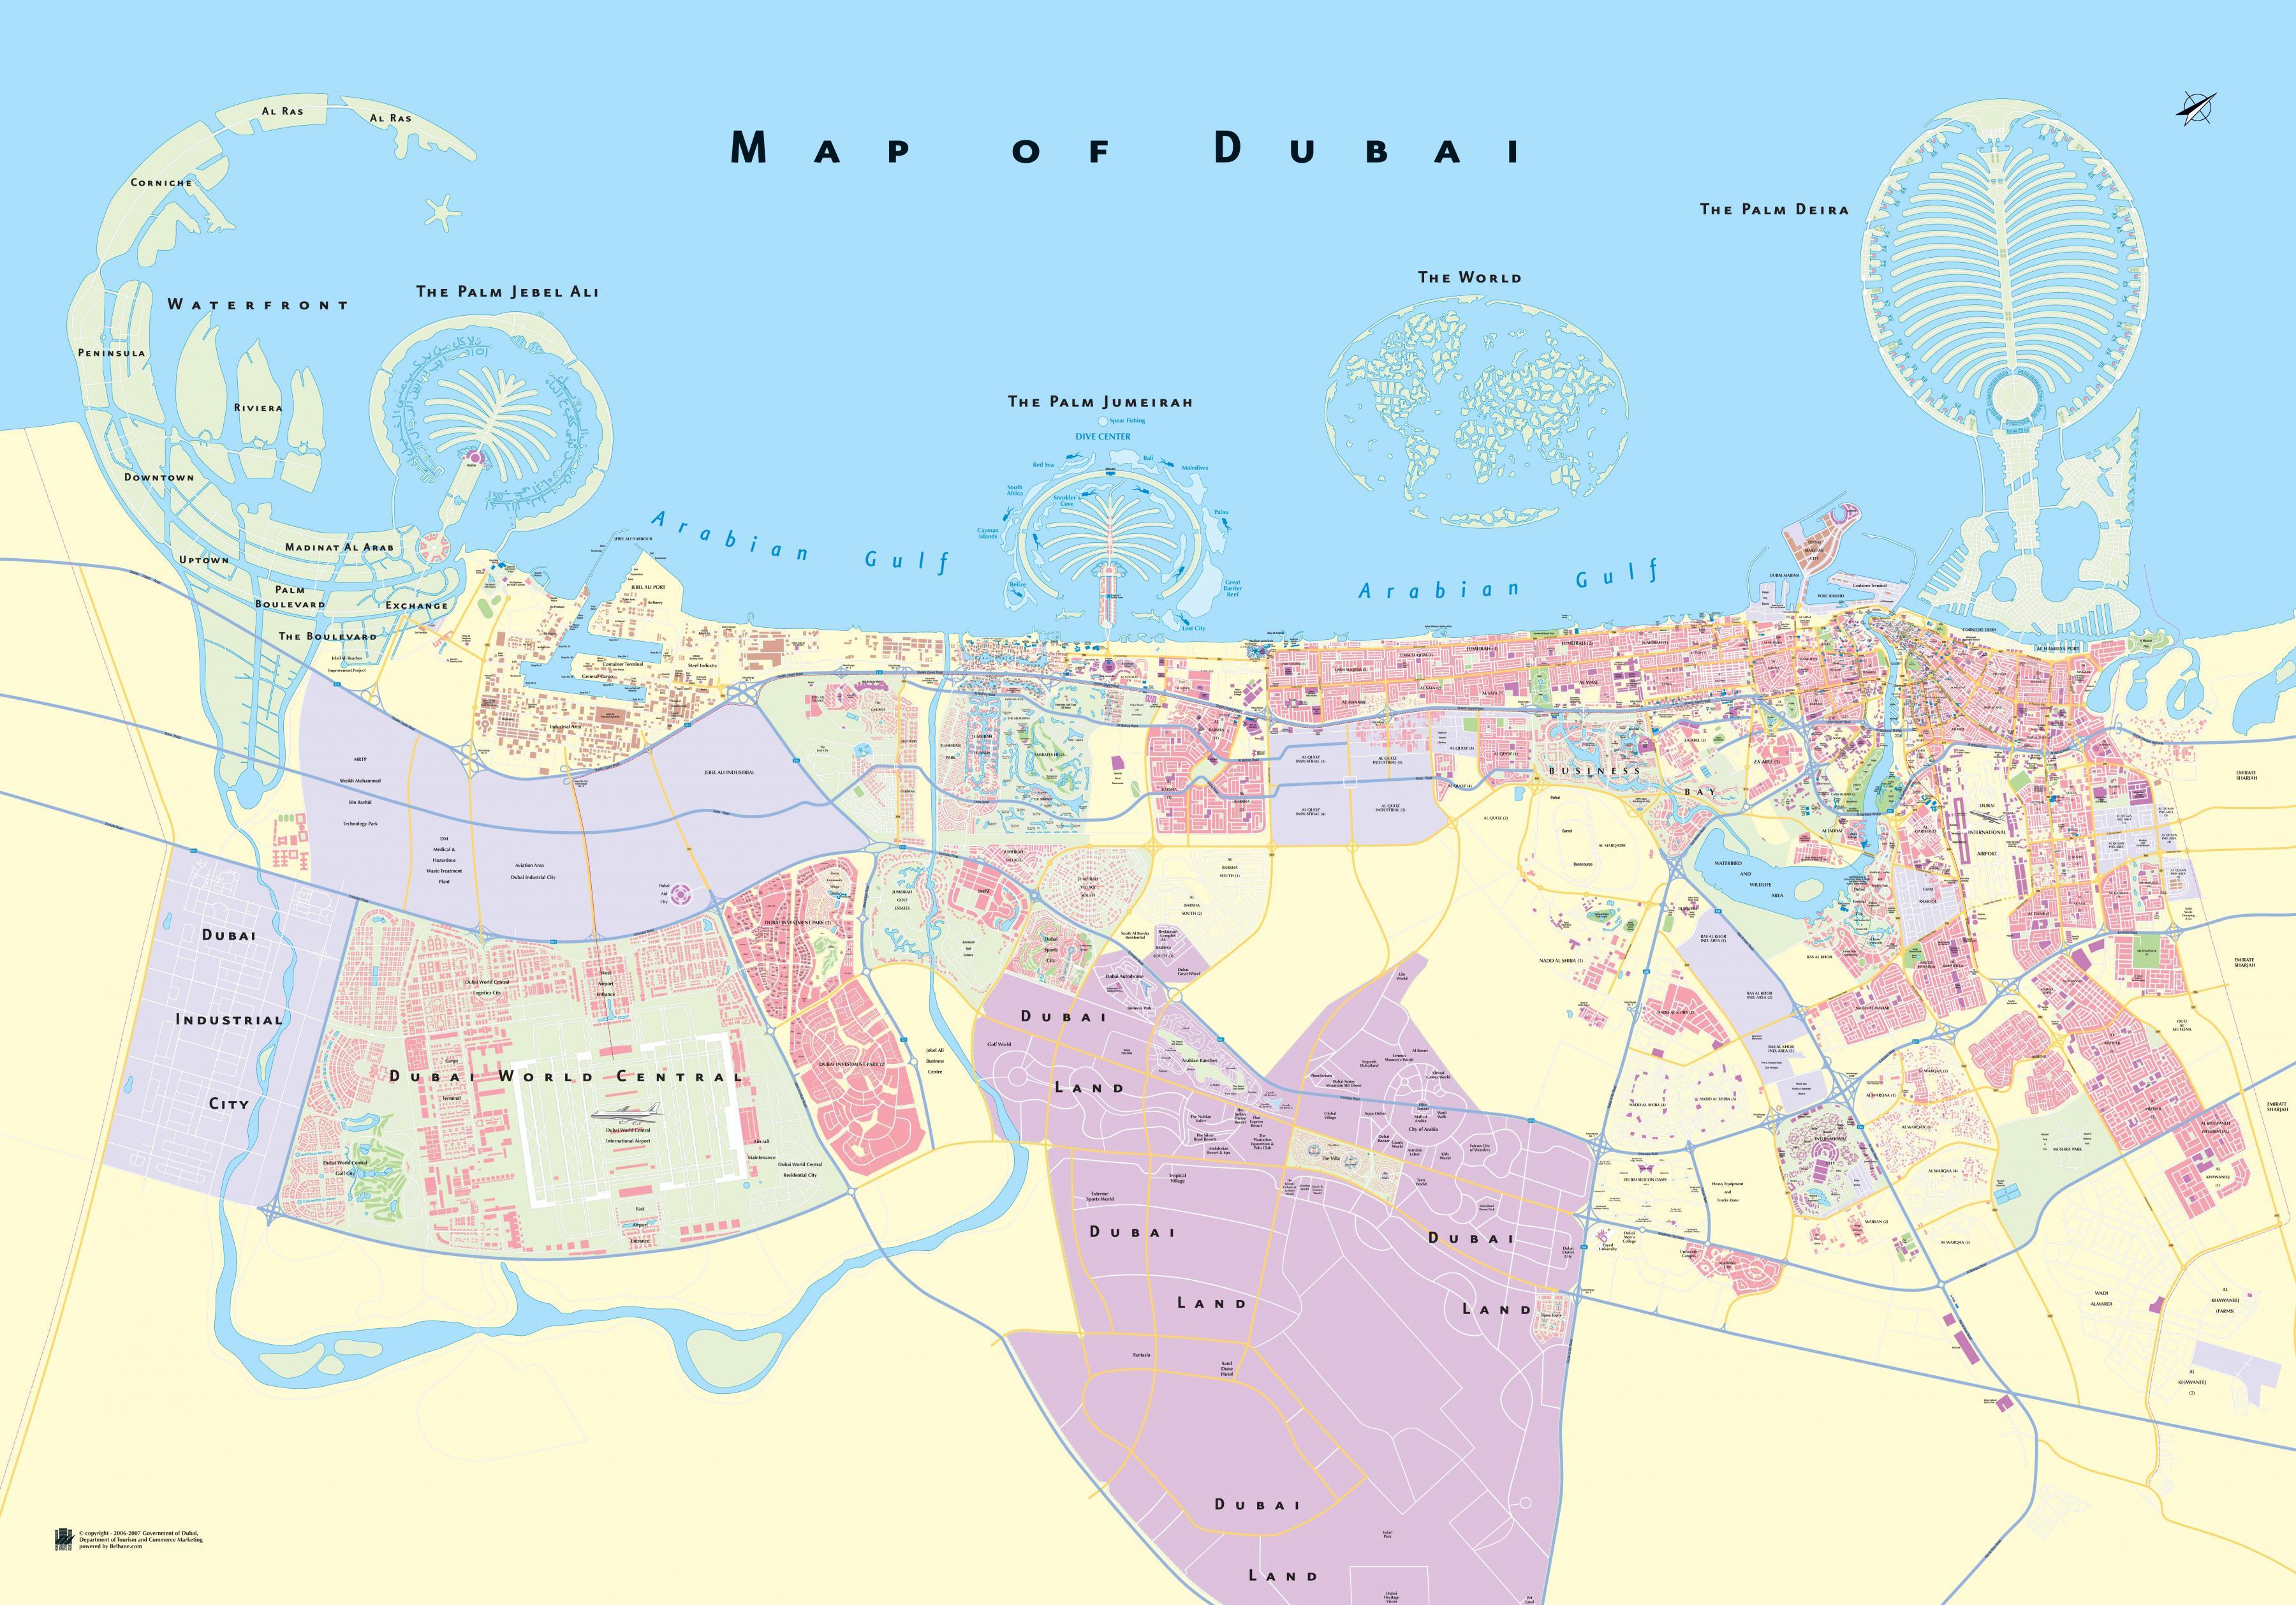 kart over dubai Dubai området kart   Kart over Dubai området (Forente Arabiske  kart over dubai